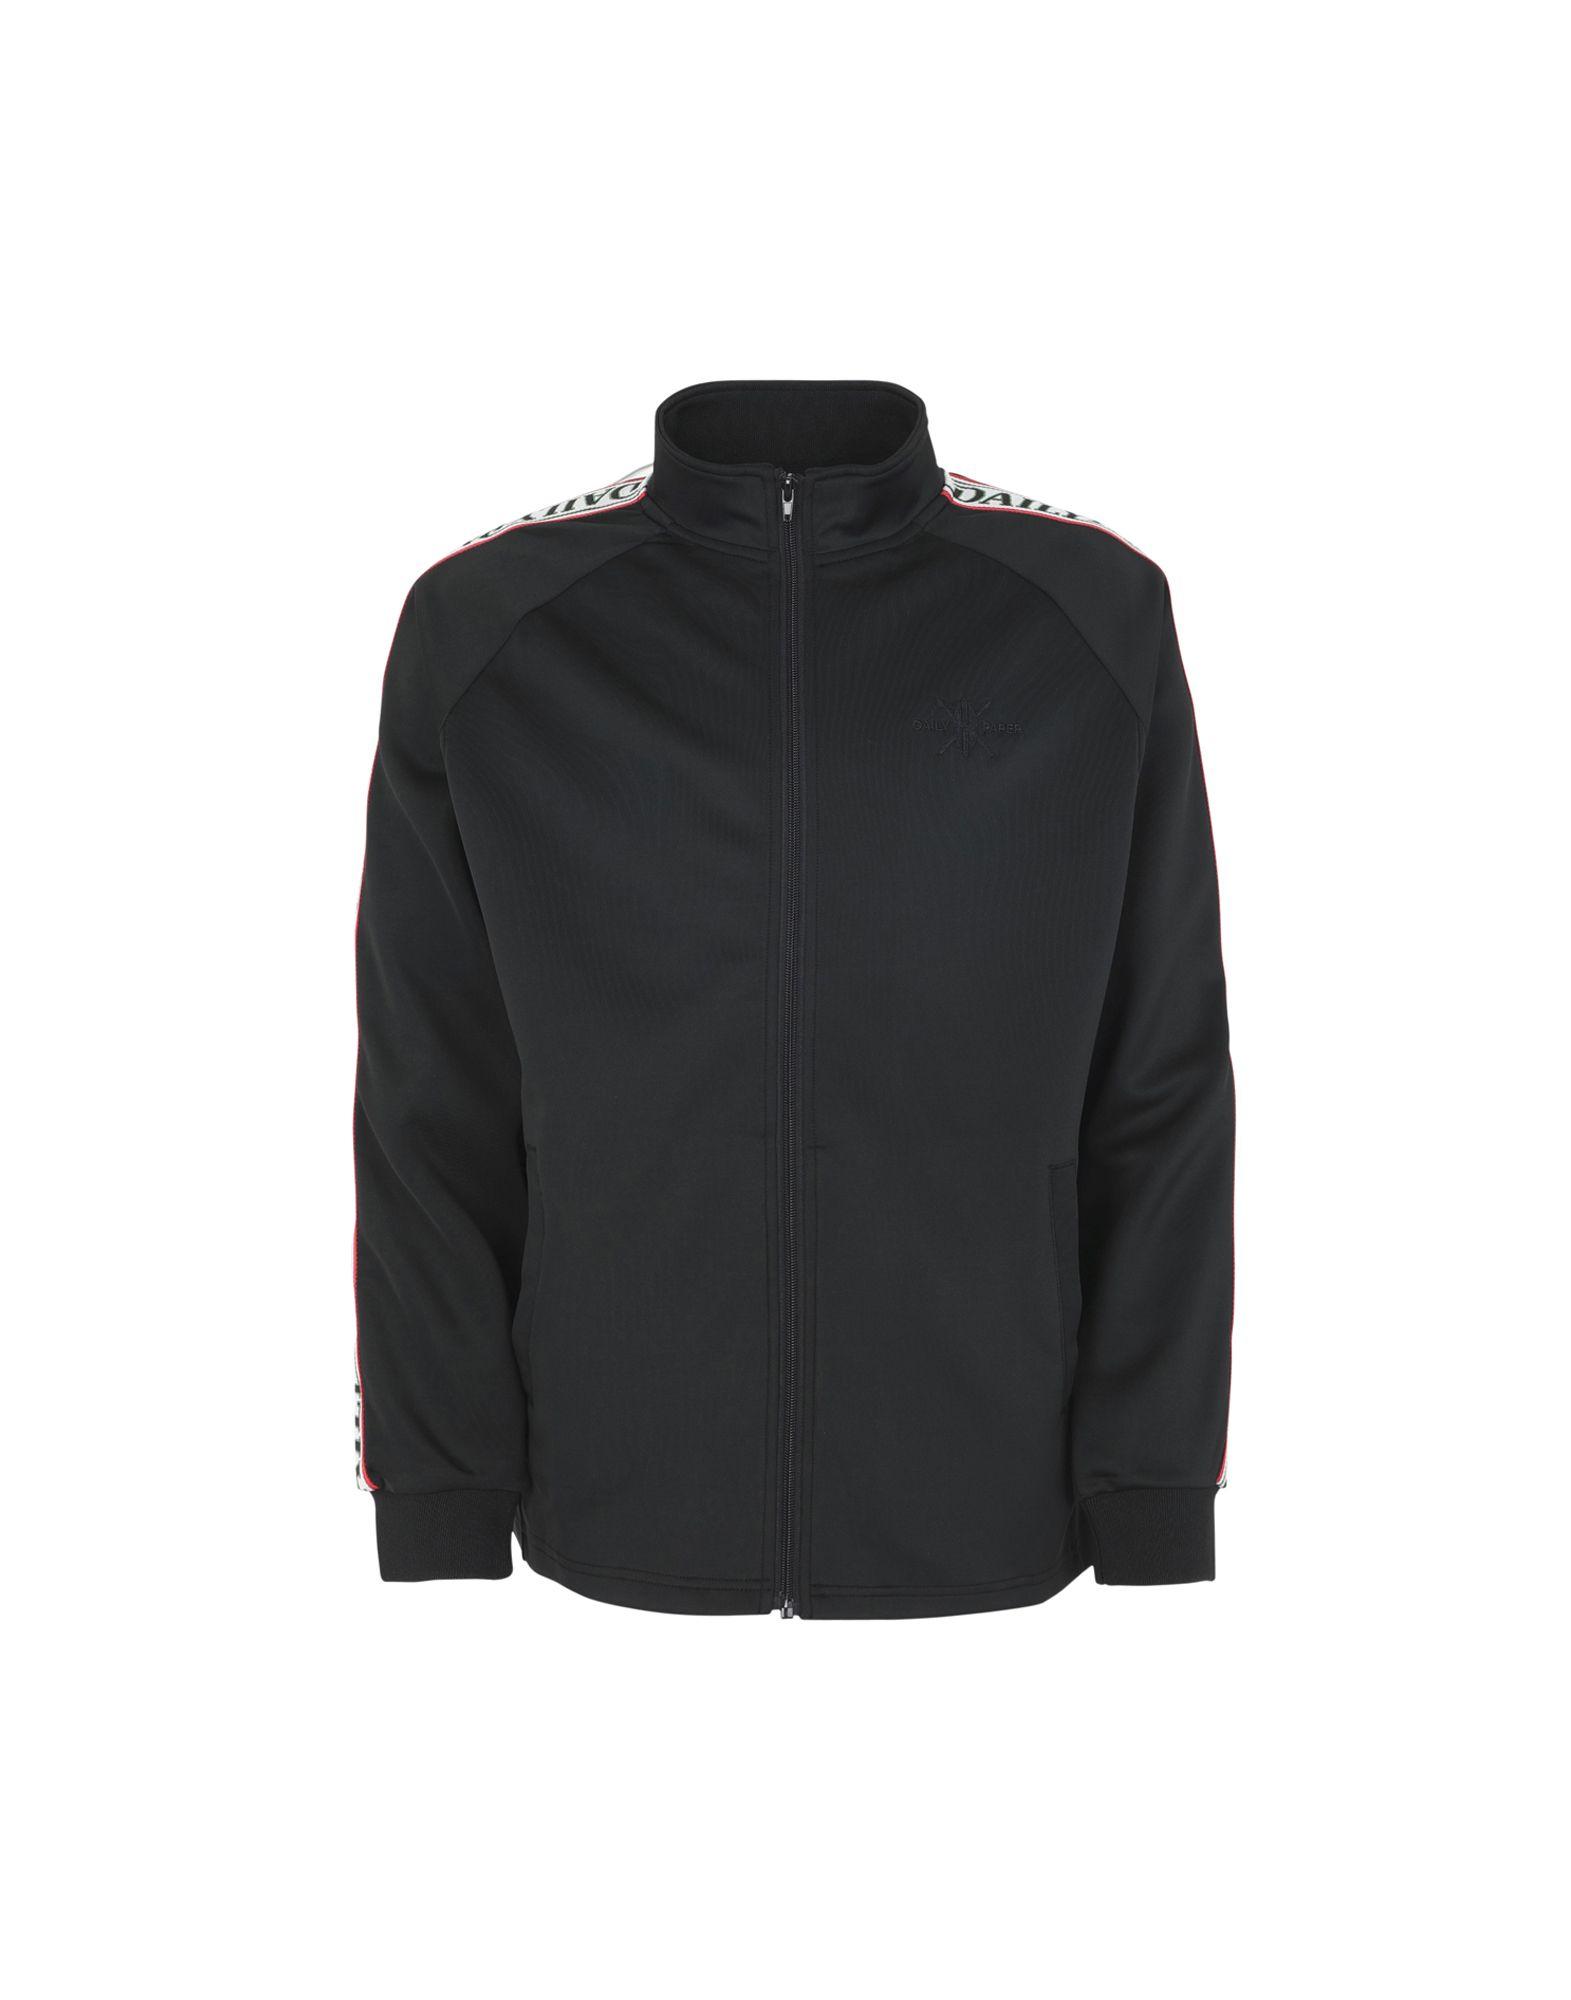 《送料無料》DAILY PAPER メンズ スウェットシャツ ブラック L ポリエステル 95% / ポリウレタン 5% DAPEVEST